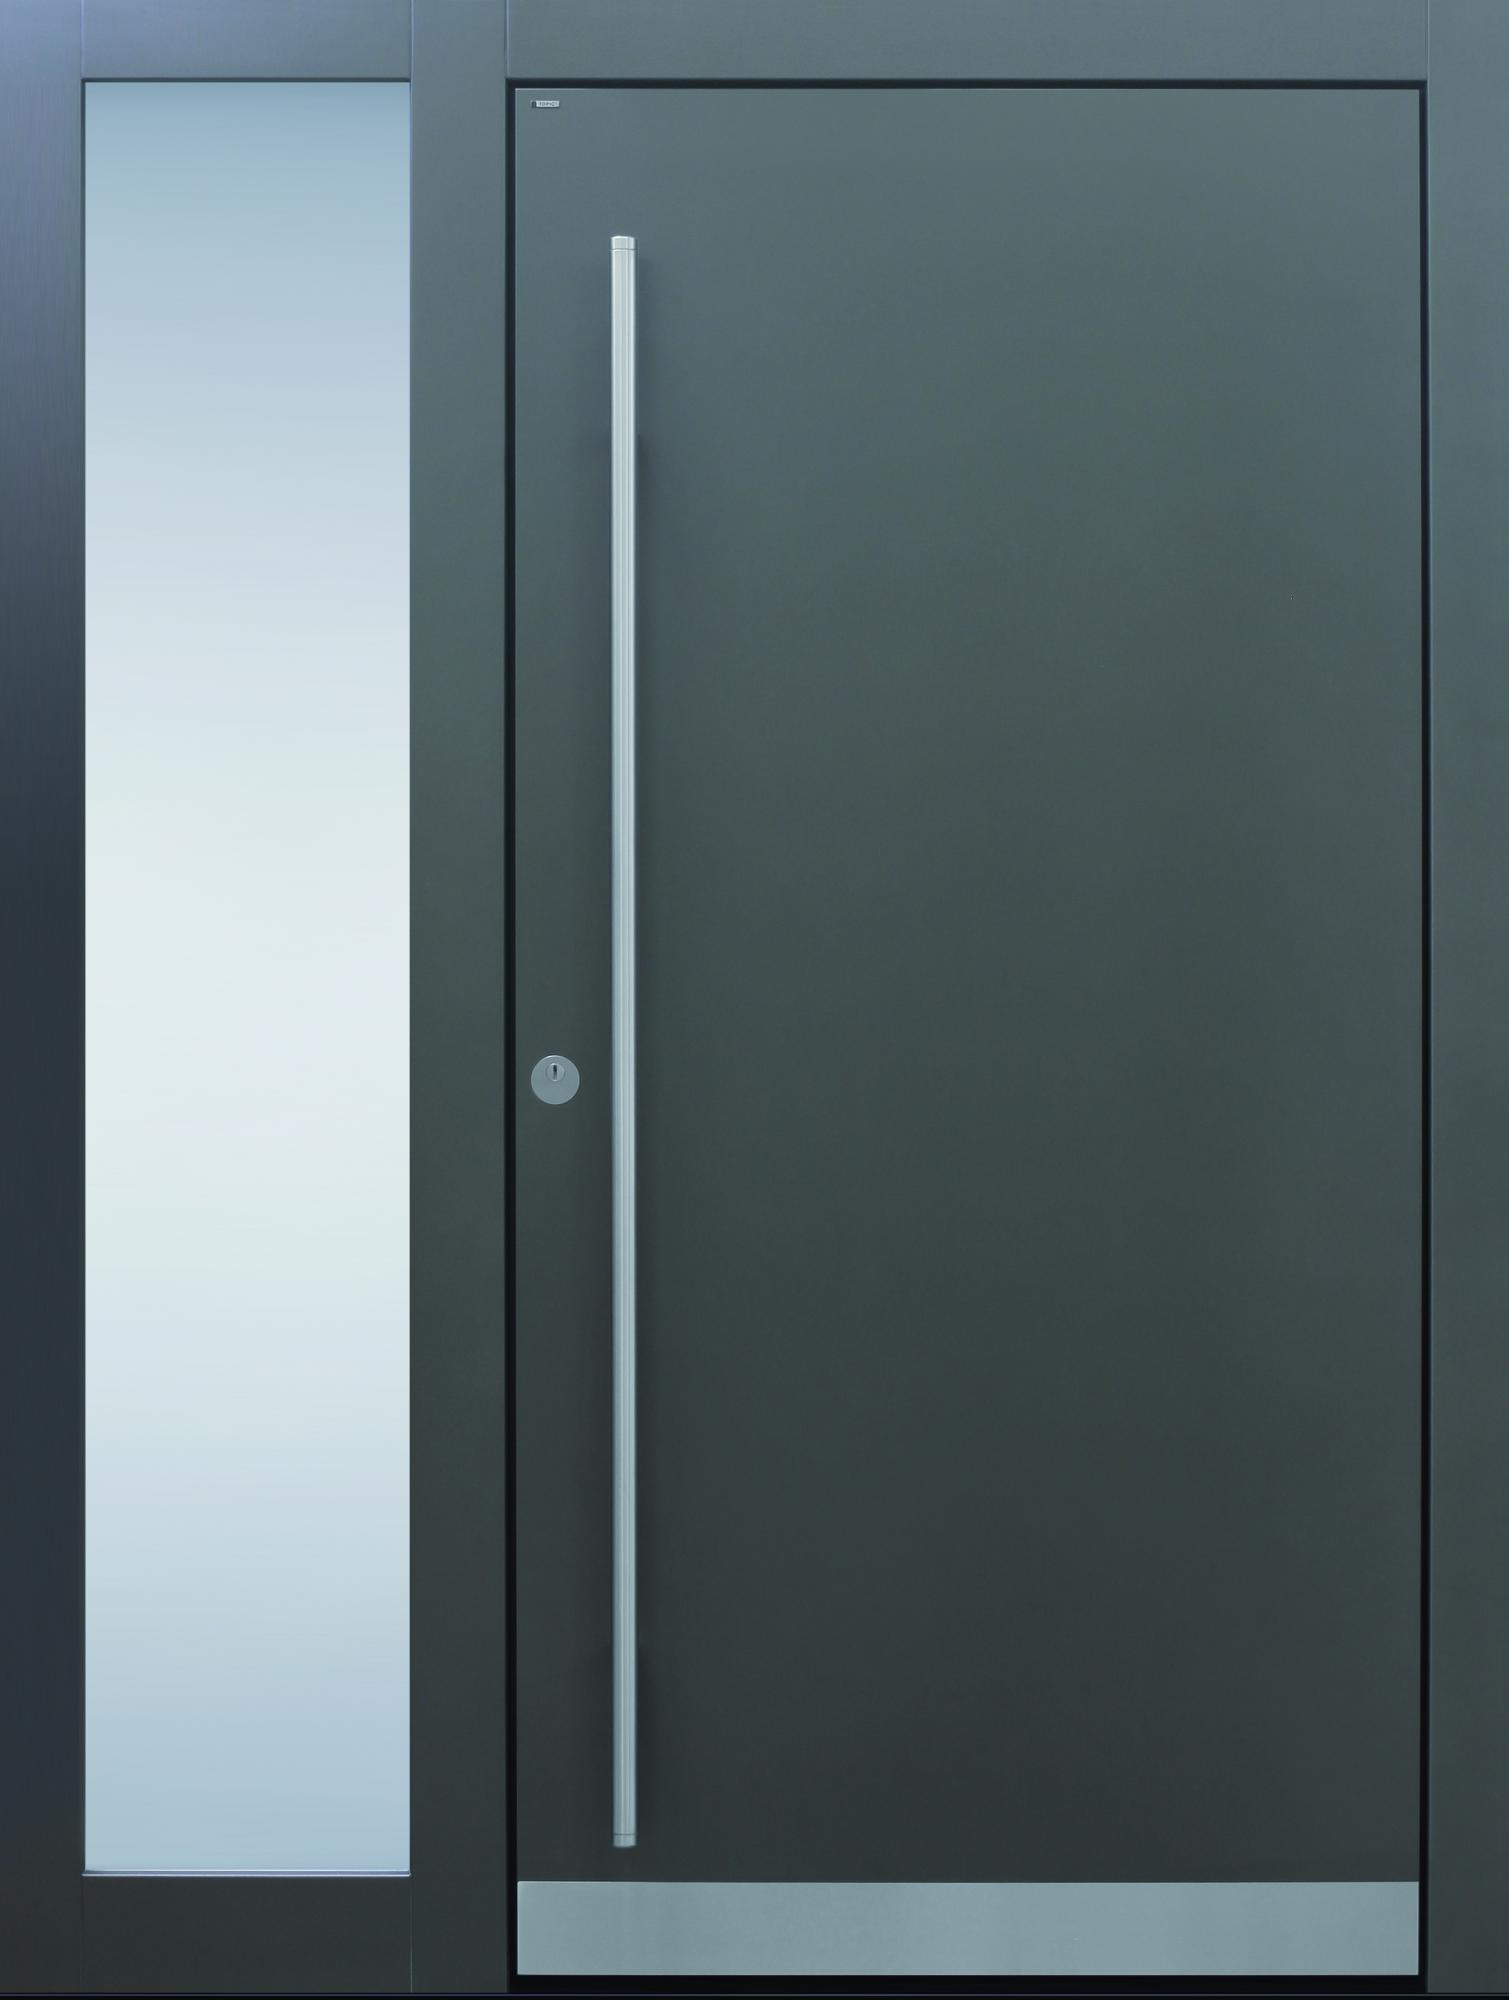 Haustüren modern braun  TOPIC - Haustüren von Meisterhand TOPIC Haustüren u. Wohnungstüren ...